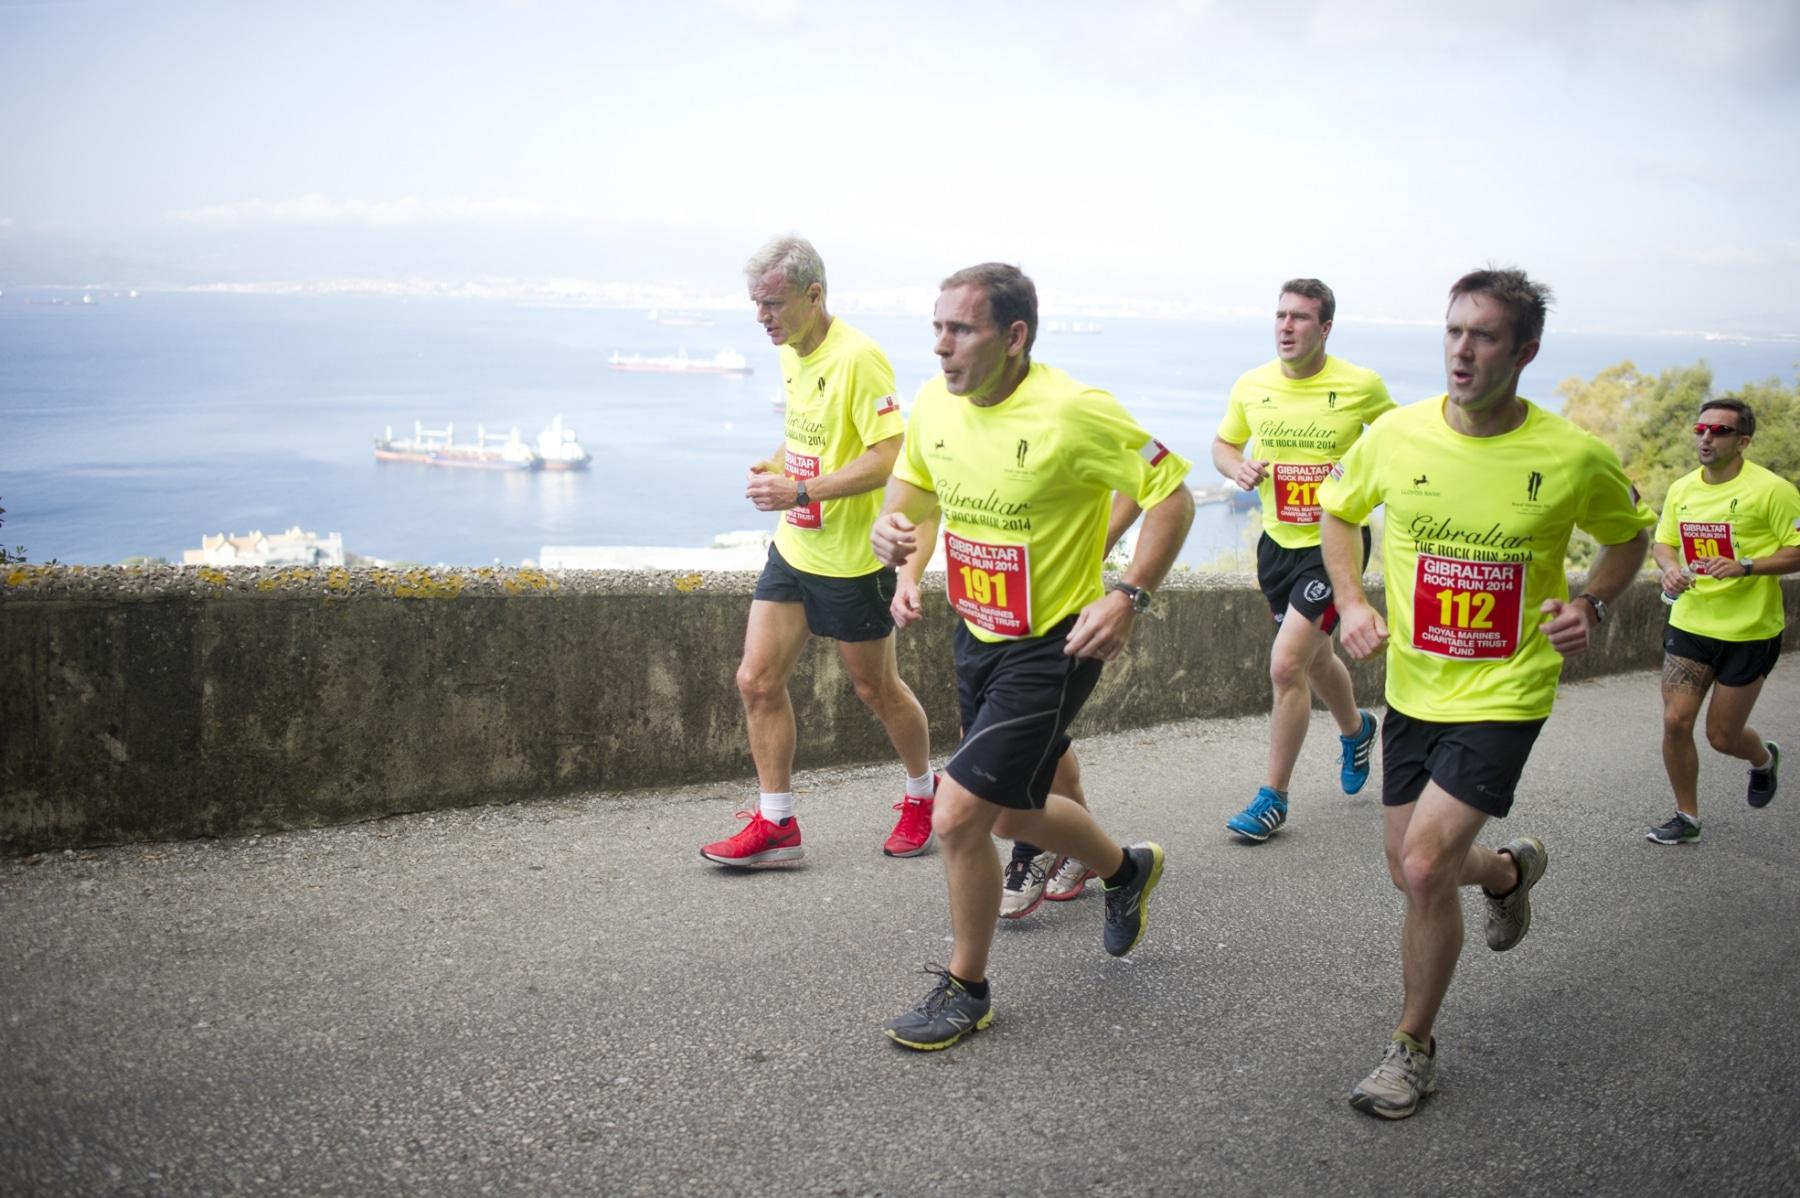 henry-cavill-en-la-carrera-del-350-aniversario-de-los-royal-marines-en-gibraltar-25-octubre-201425_15600044446_o